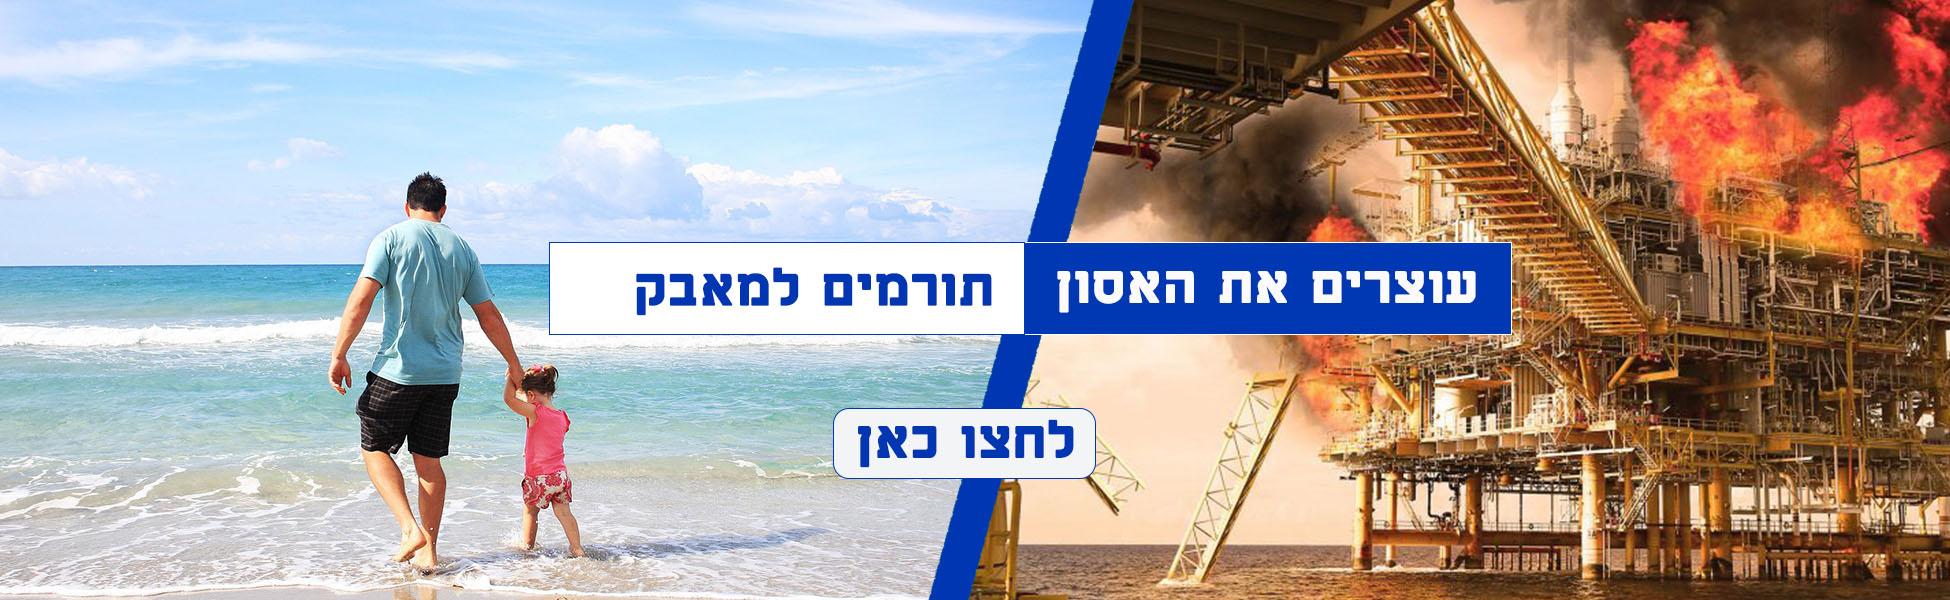 מרחיקים את אסדות הגז מחופי ישראל